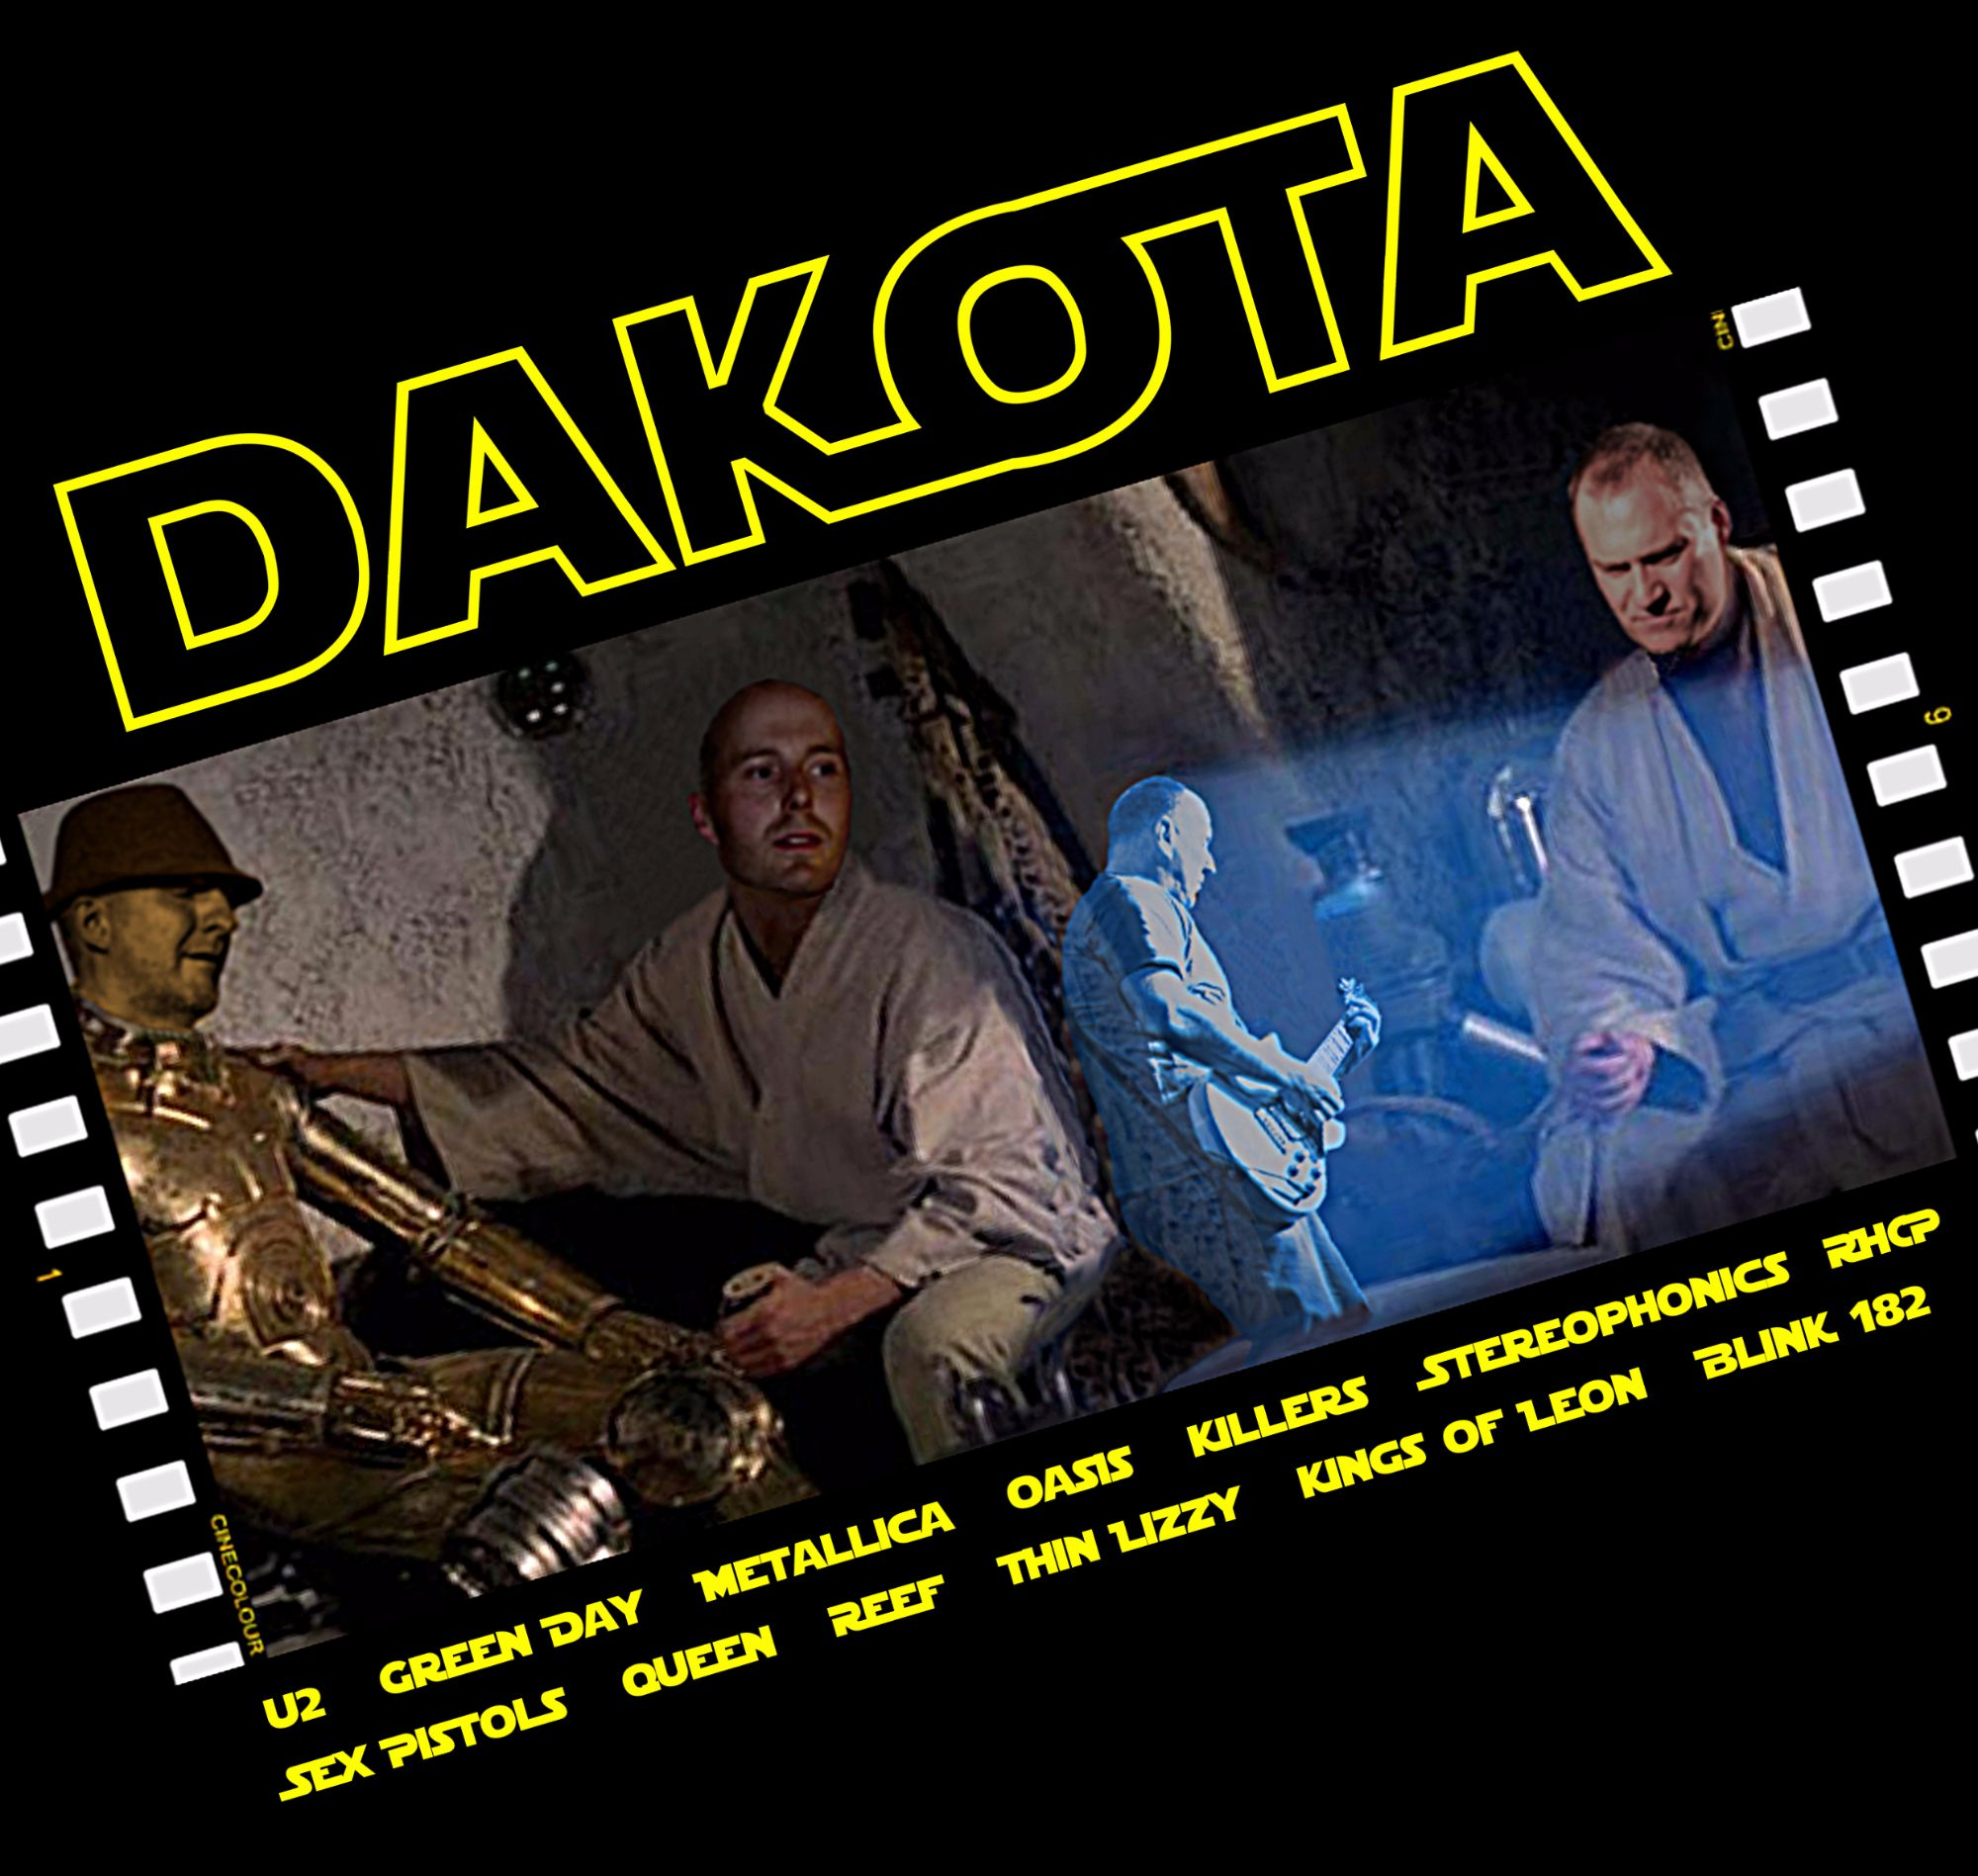 Star Wars main band image with logo